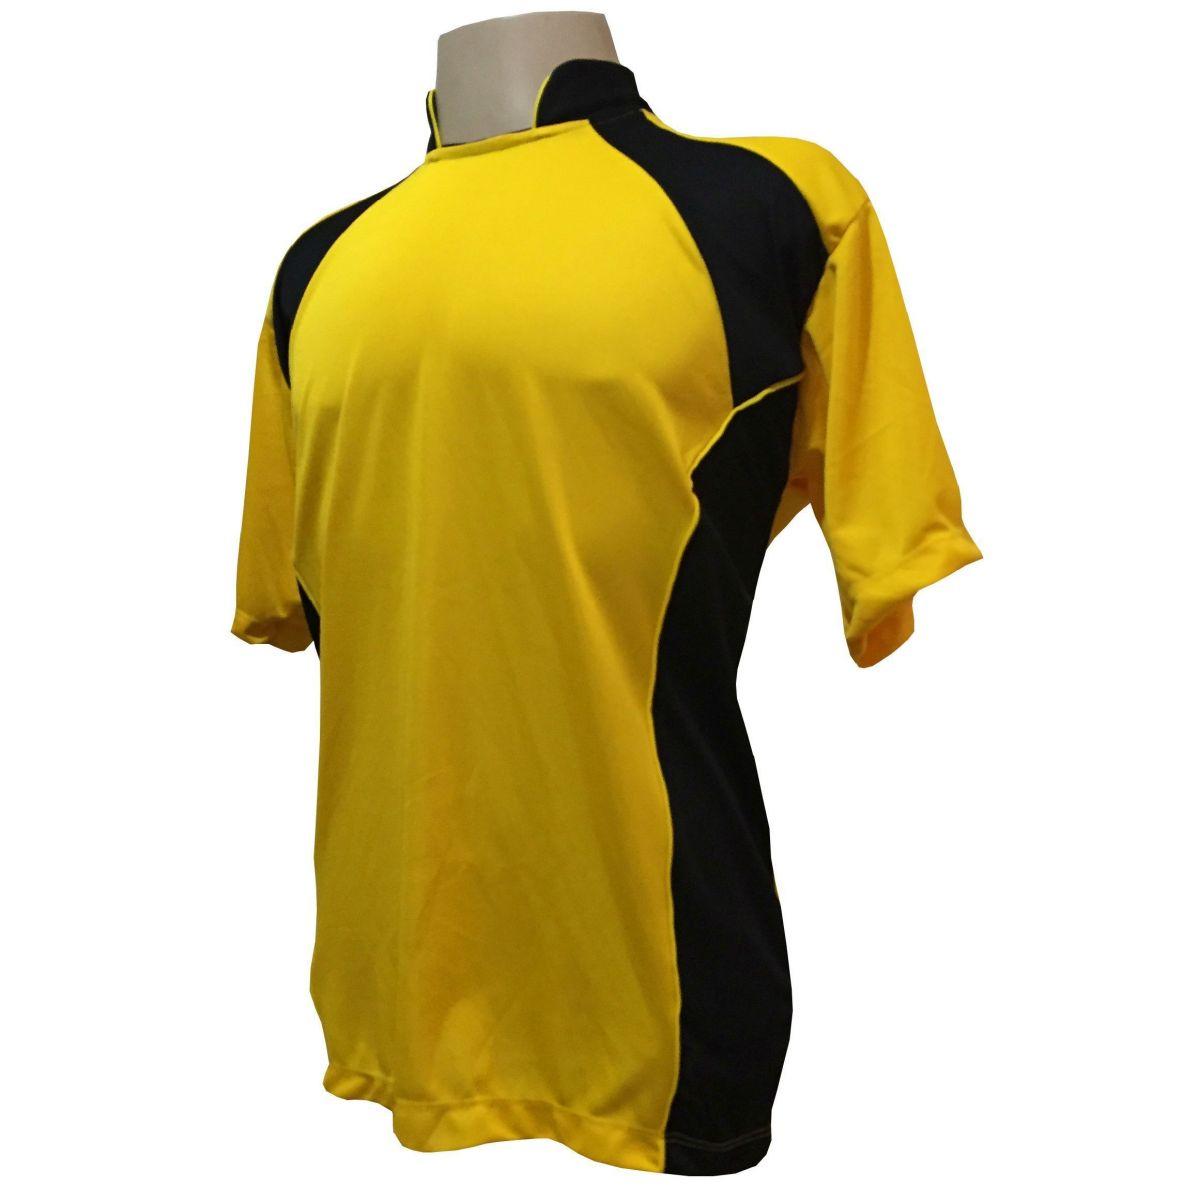 Uniforme Esportivo com 14 Camisas modelo Suécia Amarelo/Preto + 14 Calções modelo Copa Preto/Amarelo